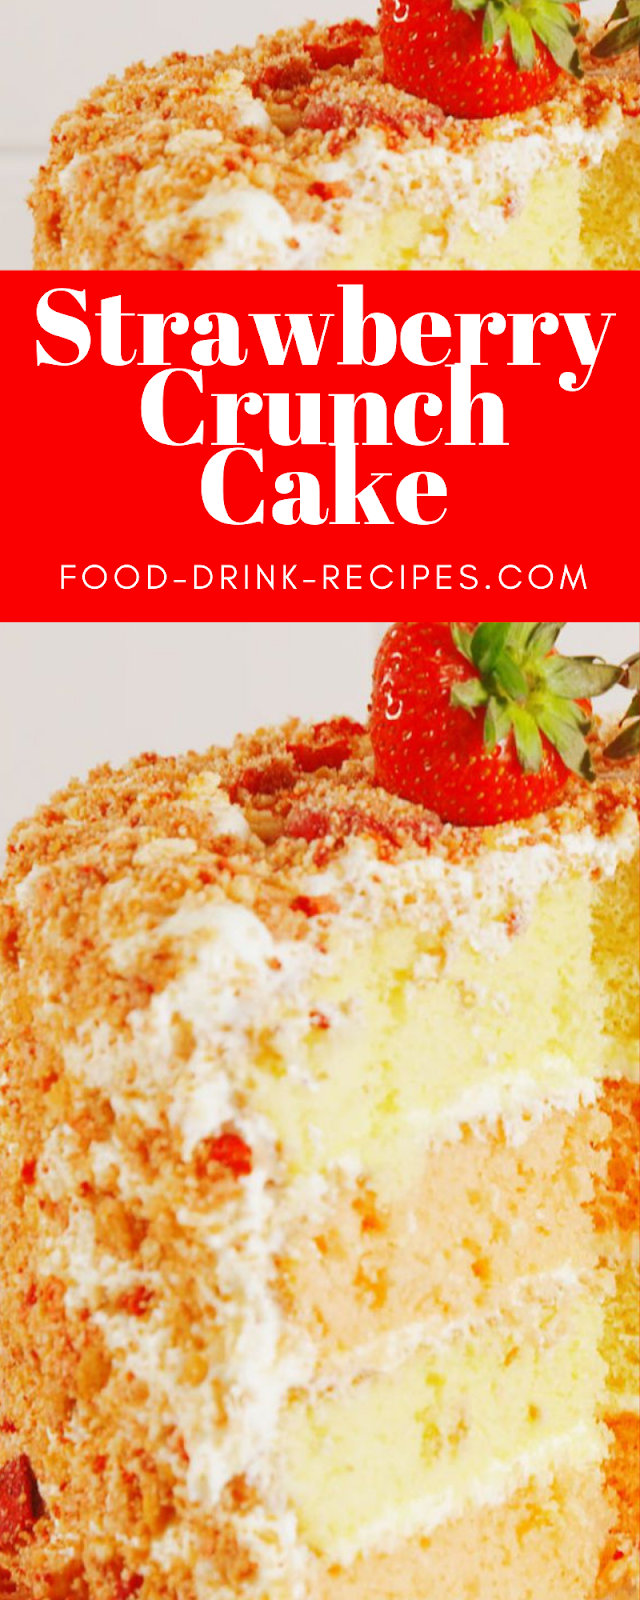 Strawberry Crunch Cake  - food-drink-recipes.com